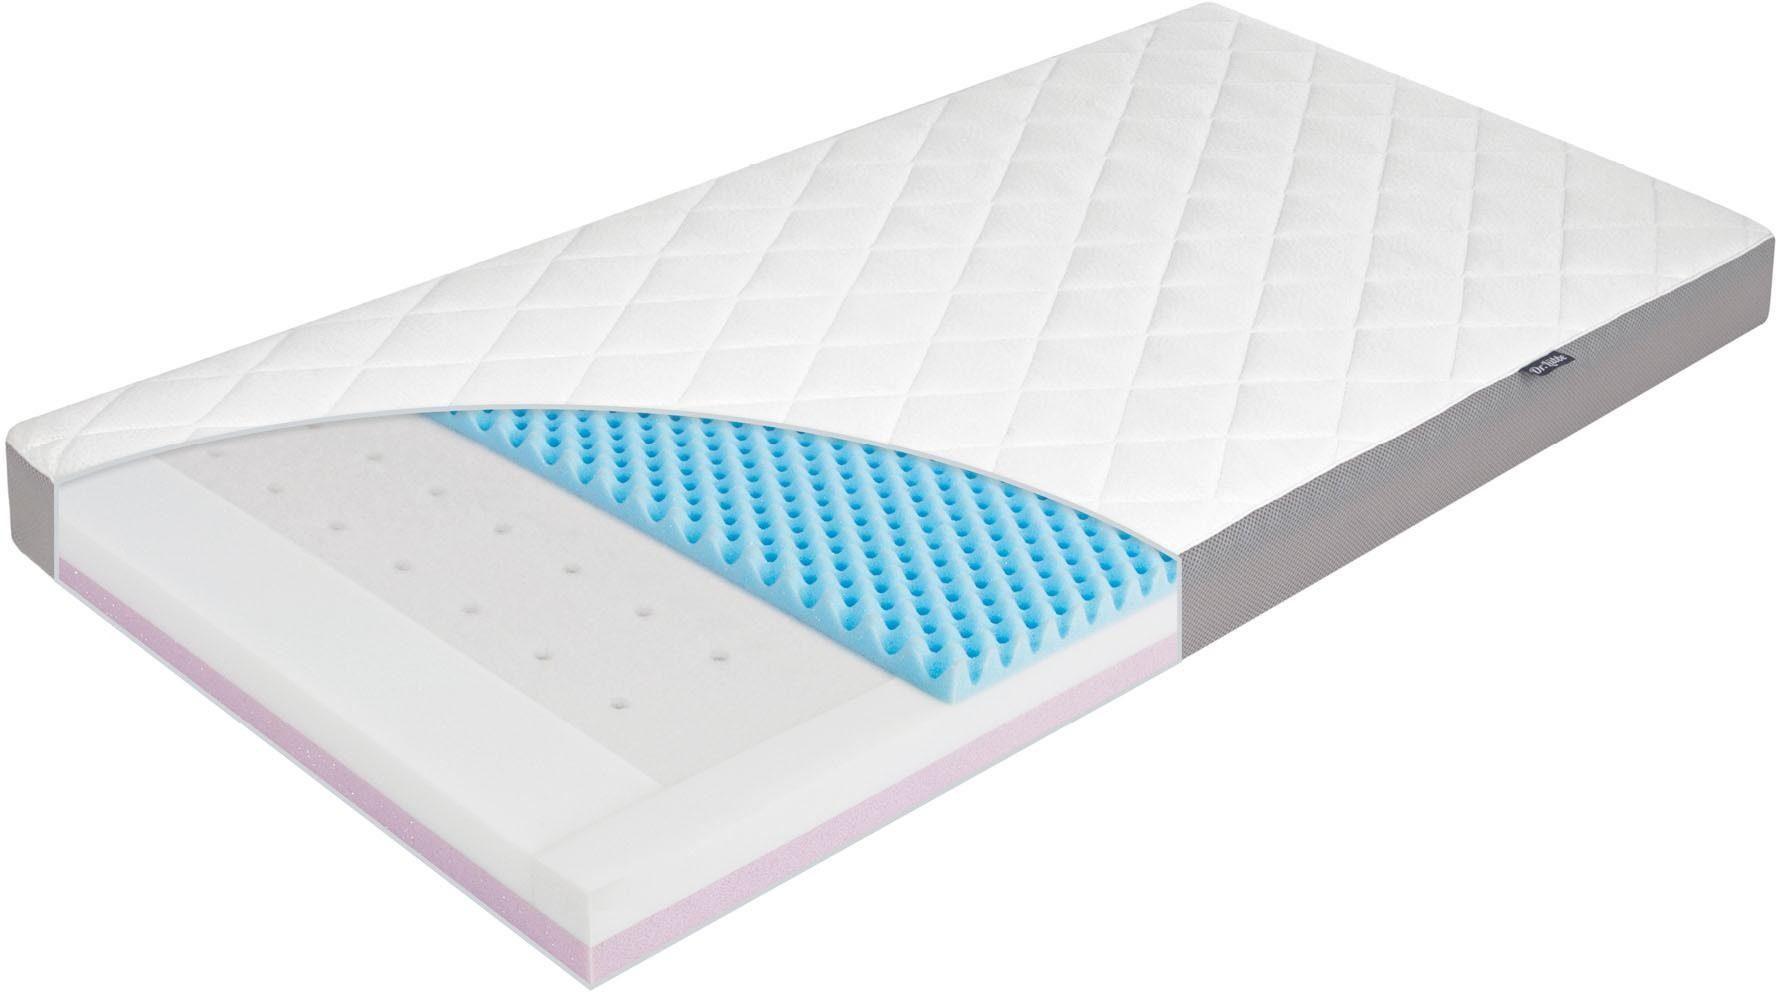 Matras Voor Wieg : Babymatrassen online kopen vind hier een ledikant matras otto